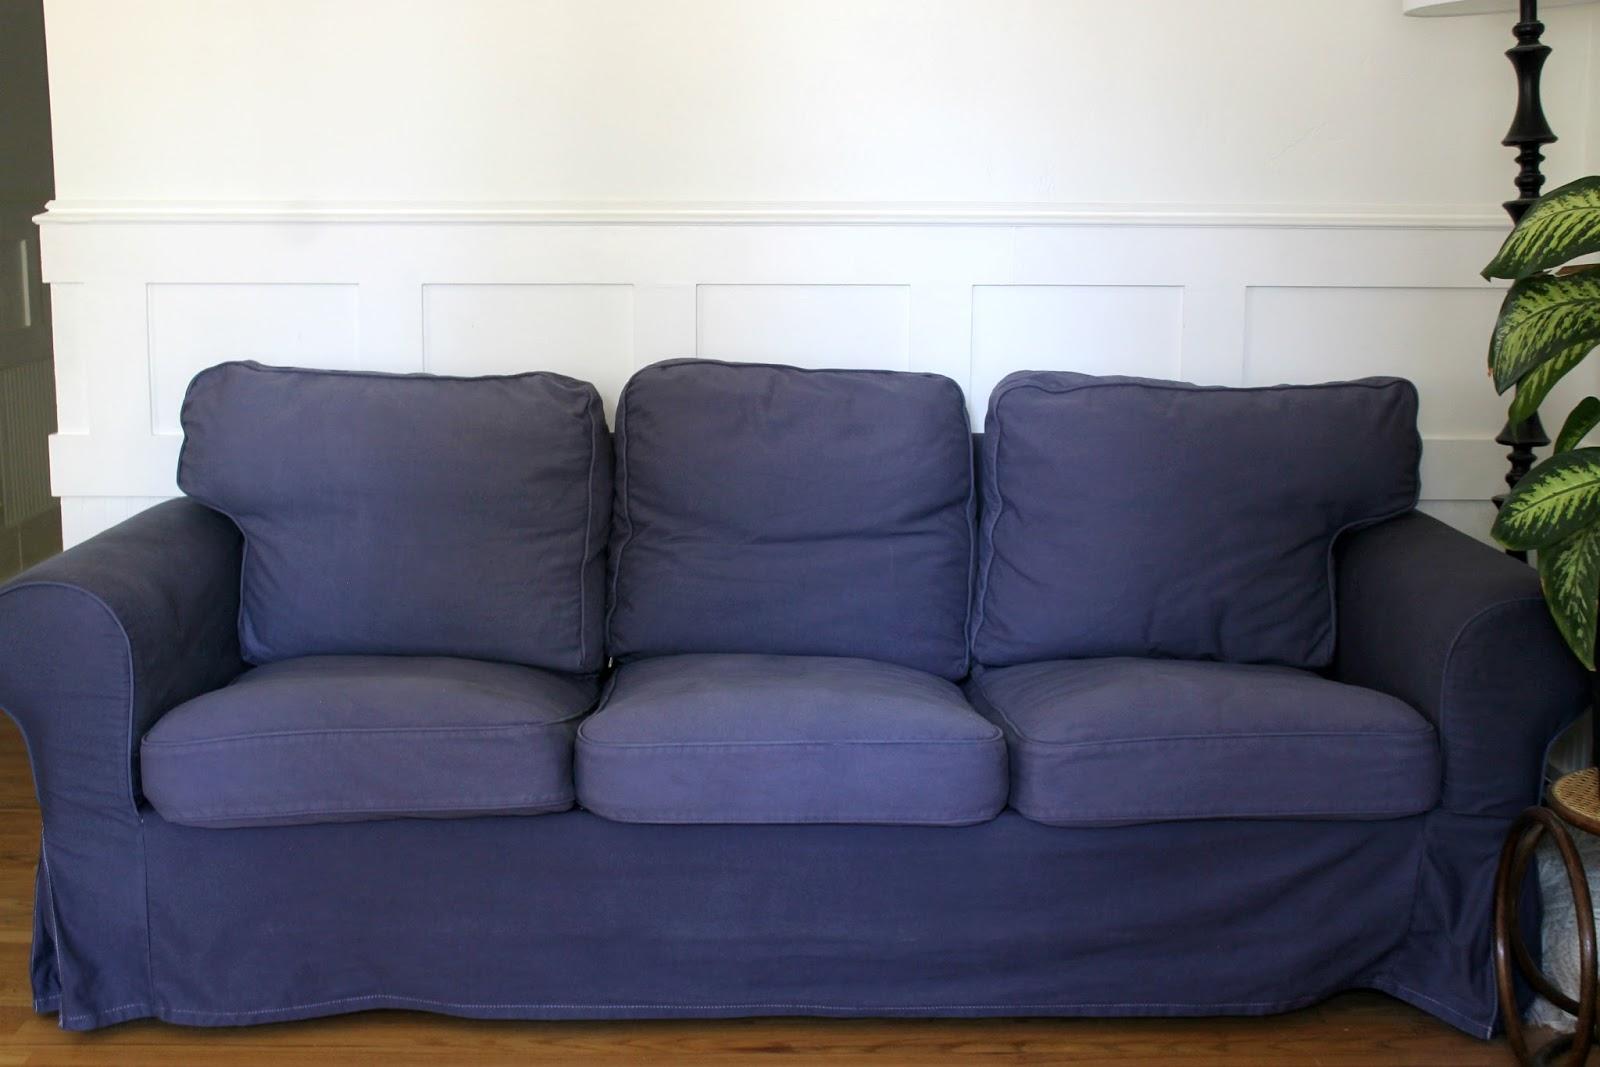 white ikea ektorp sofa navy blue